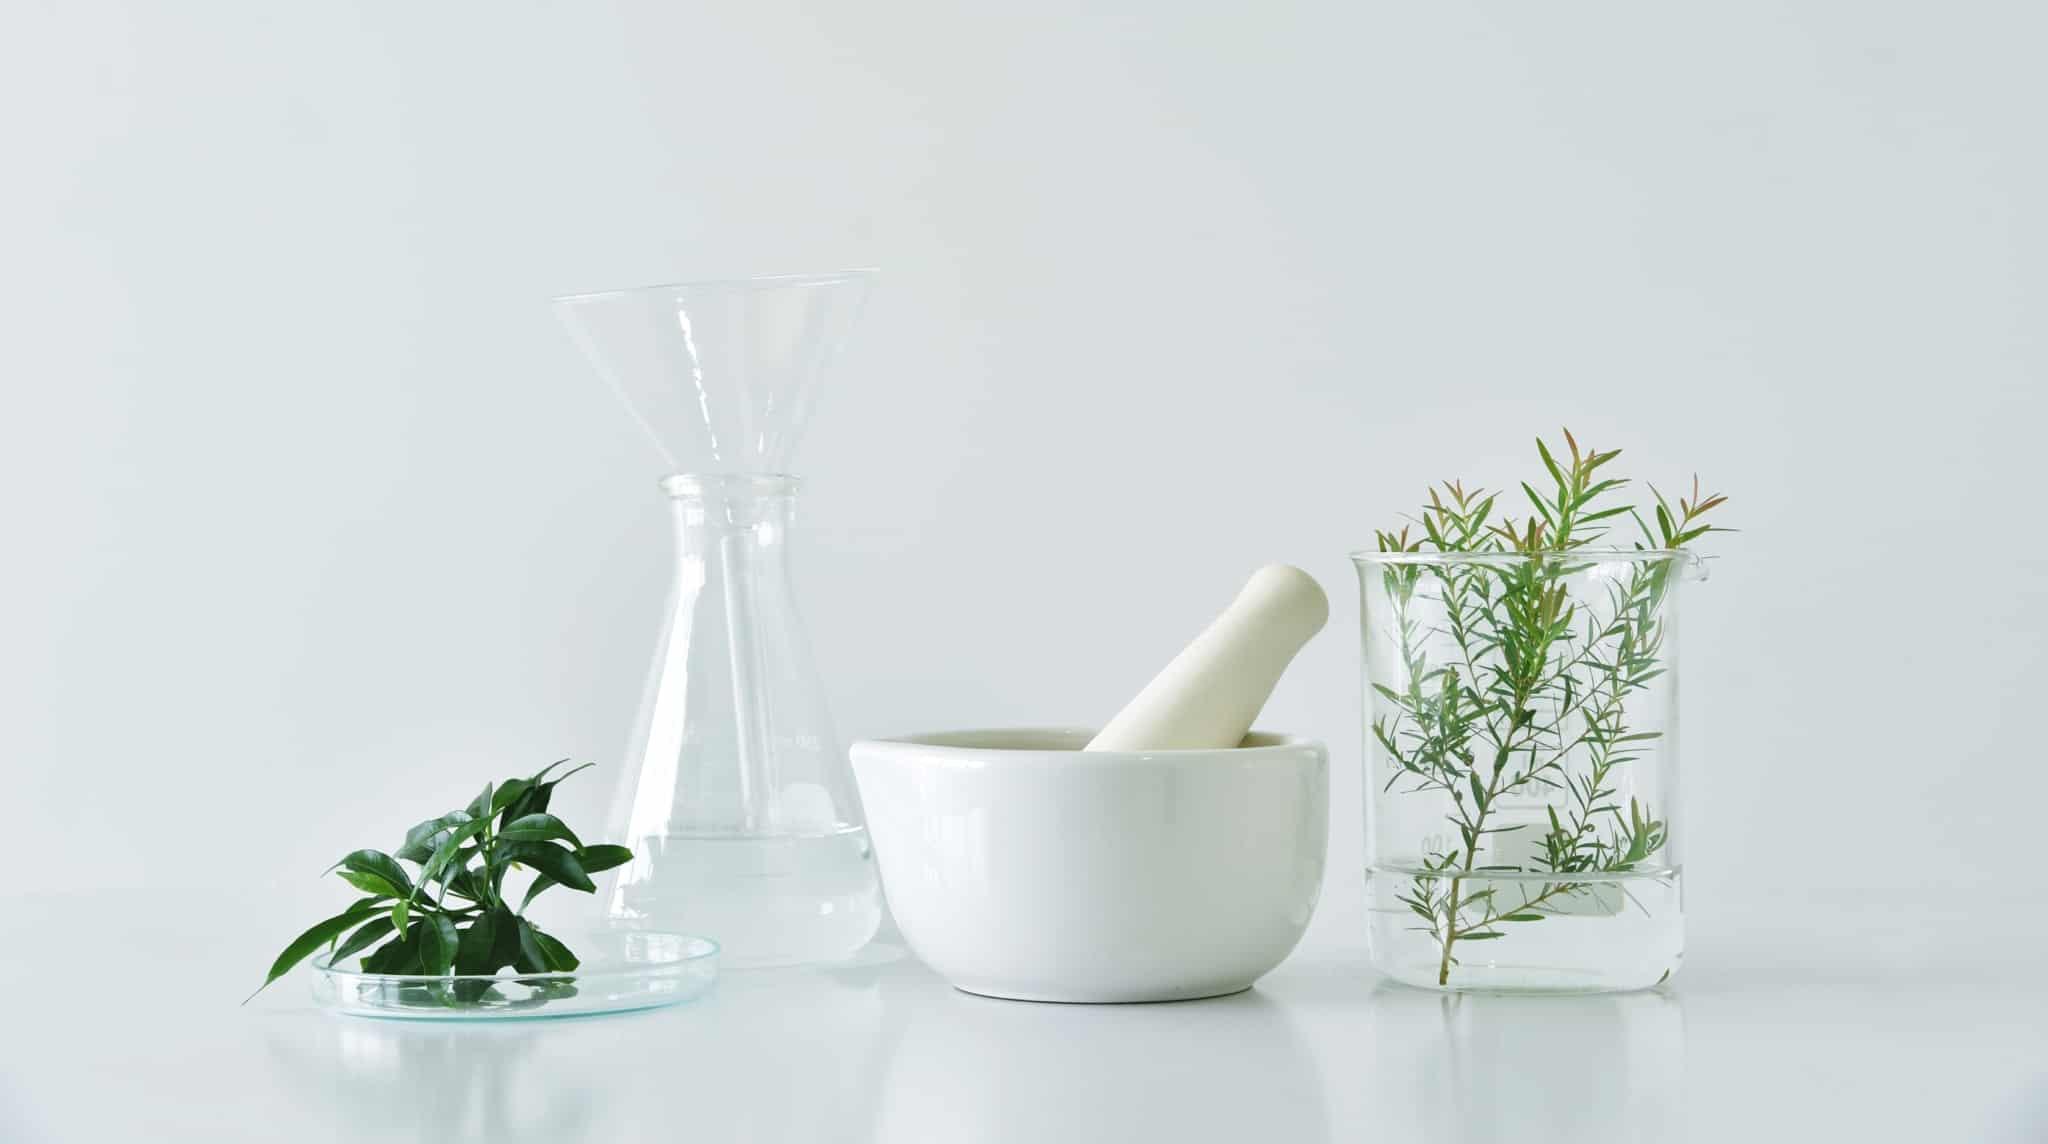 instrumentos de botanica